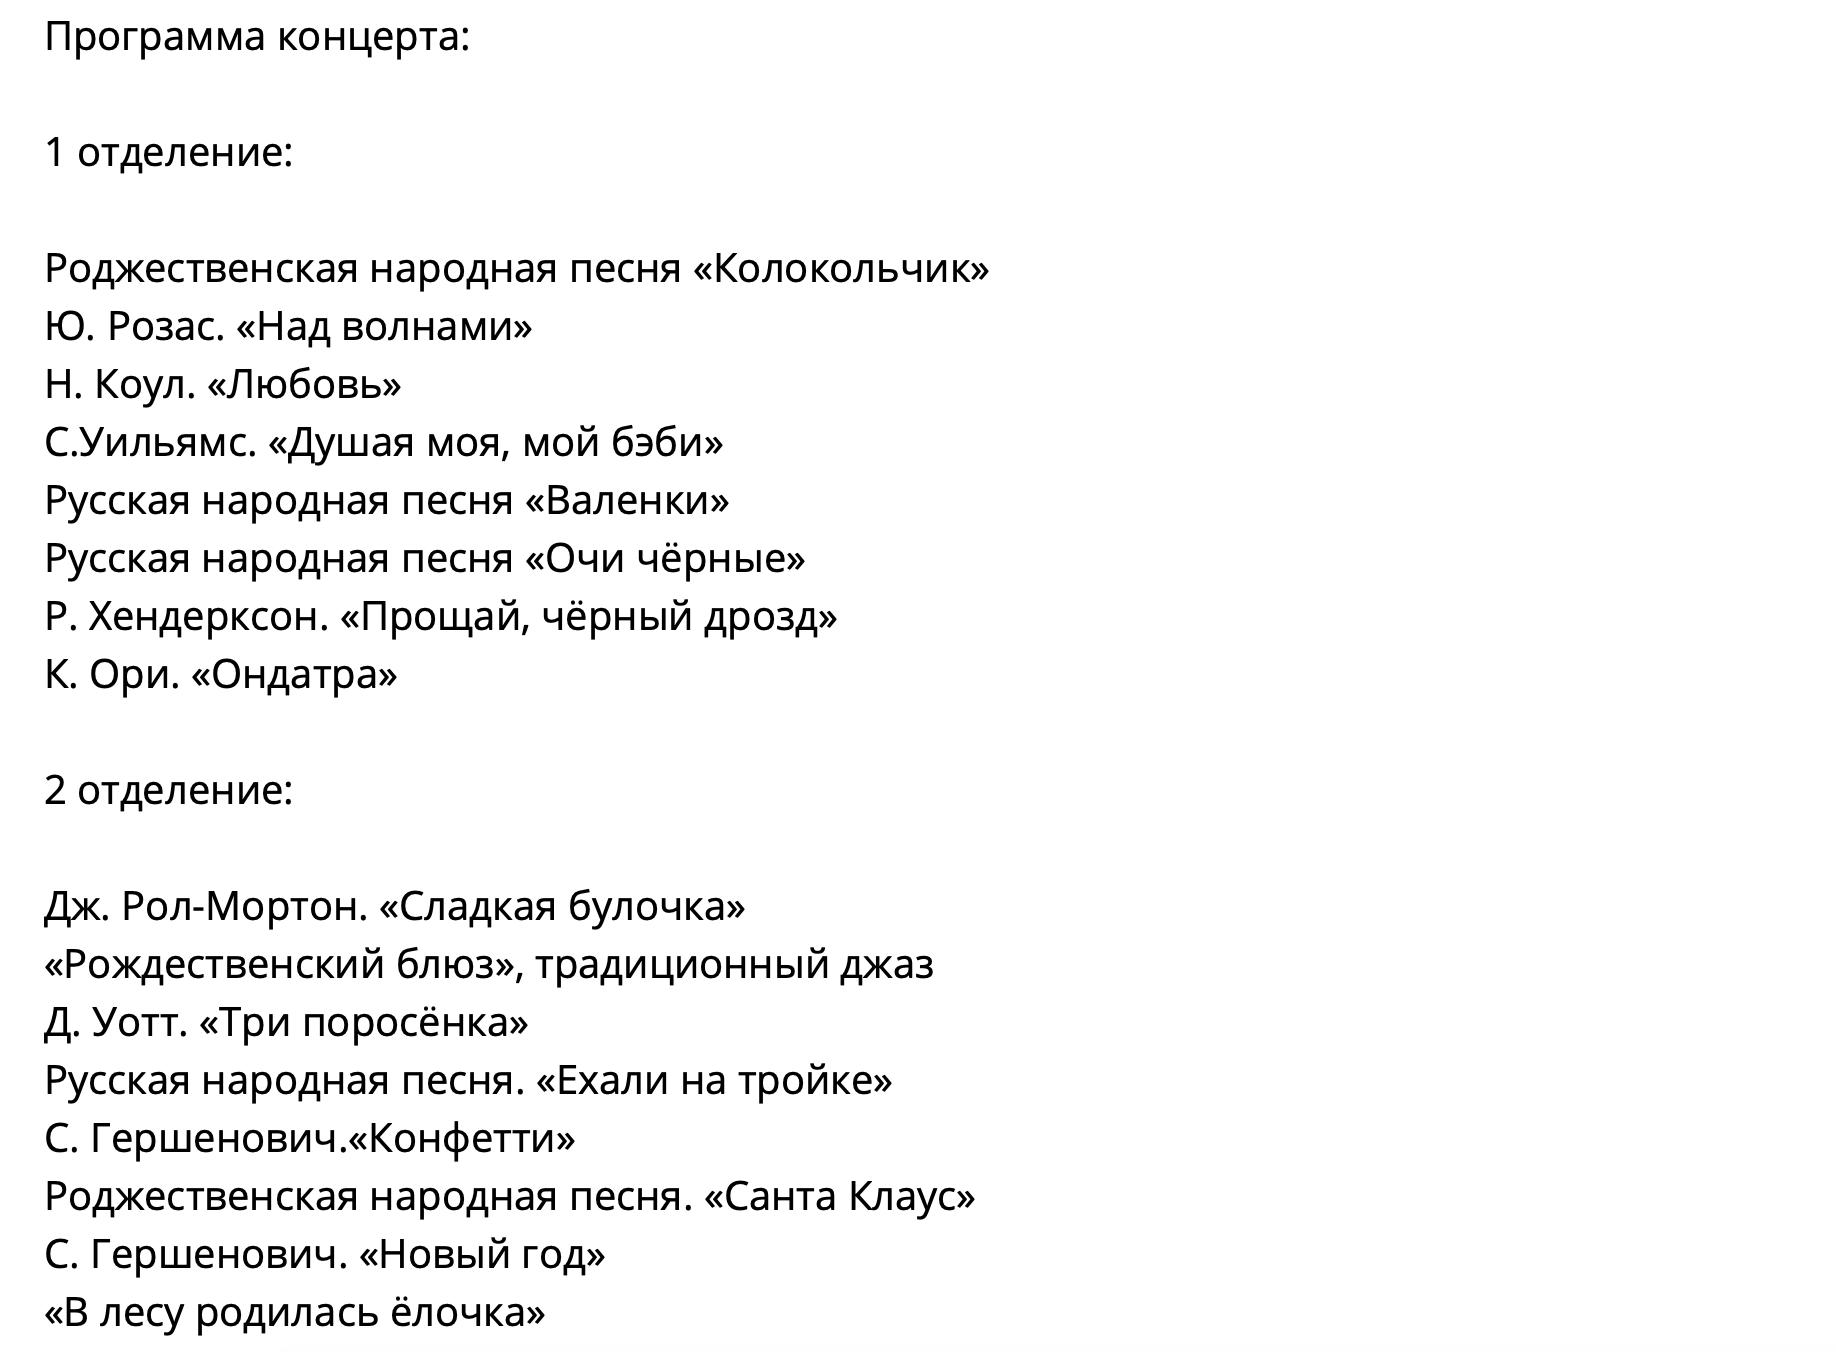 Вот так выглядит программа концерта на сайте новосибирской филармонии